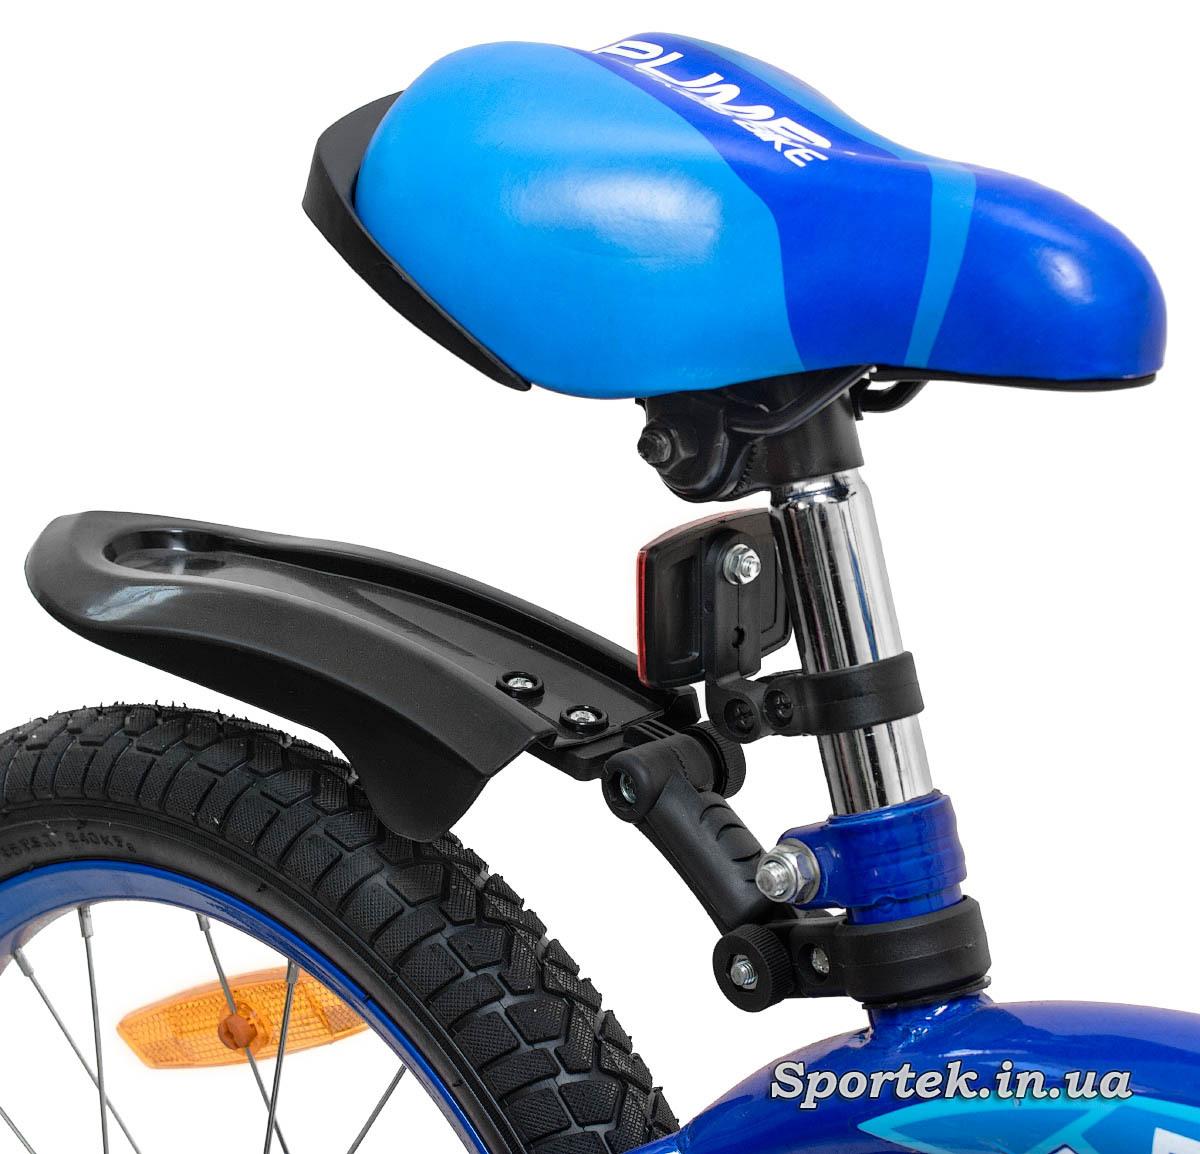 Сидение и крыло детского велосипеда Formula Pumba